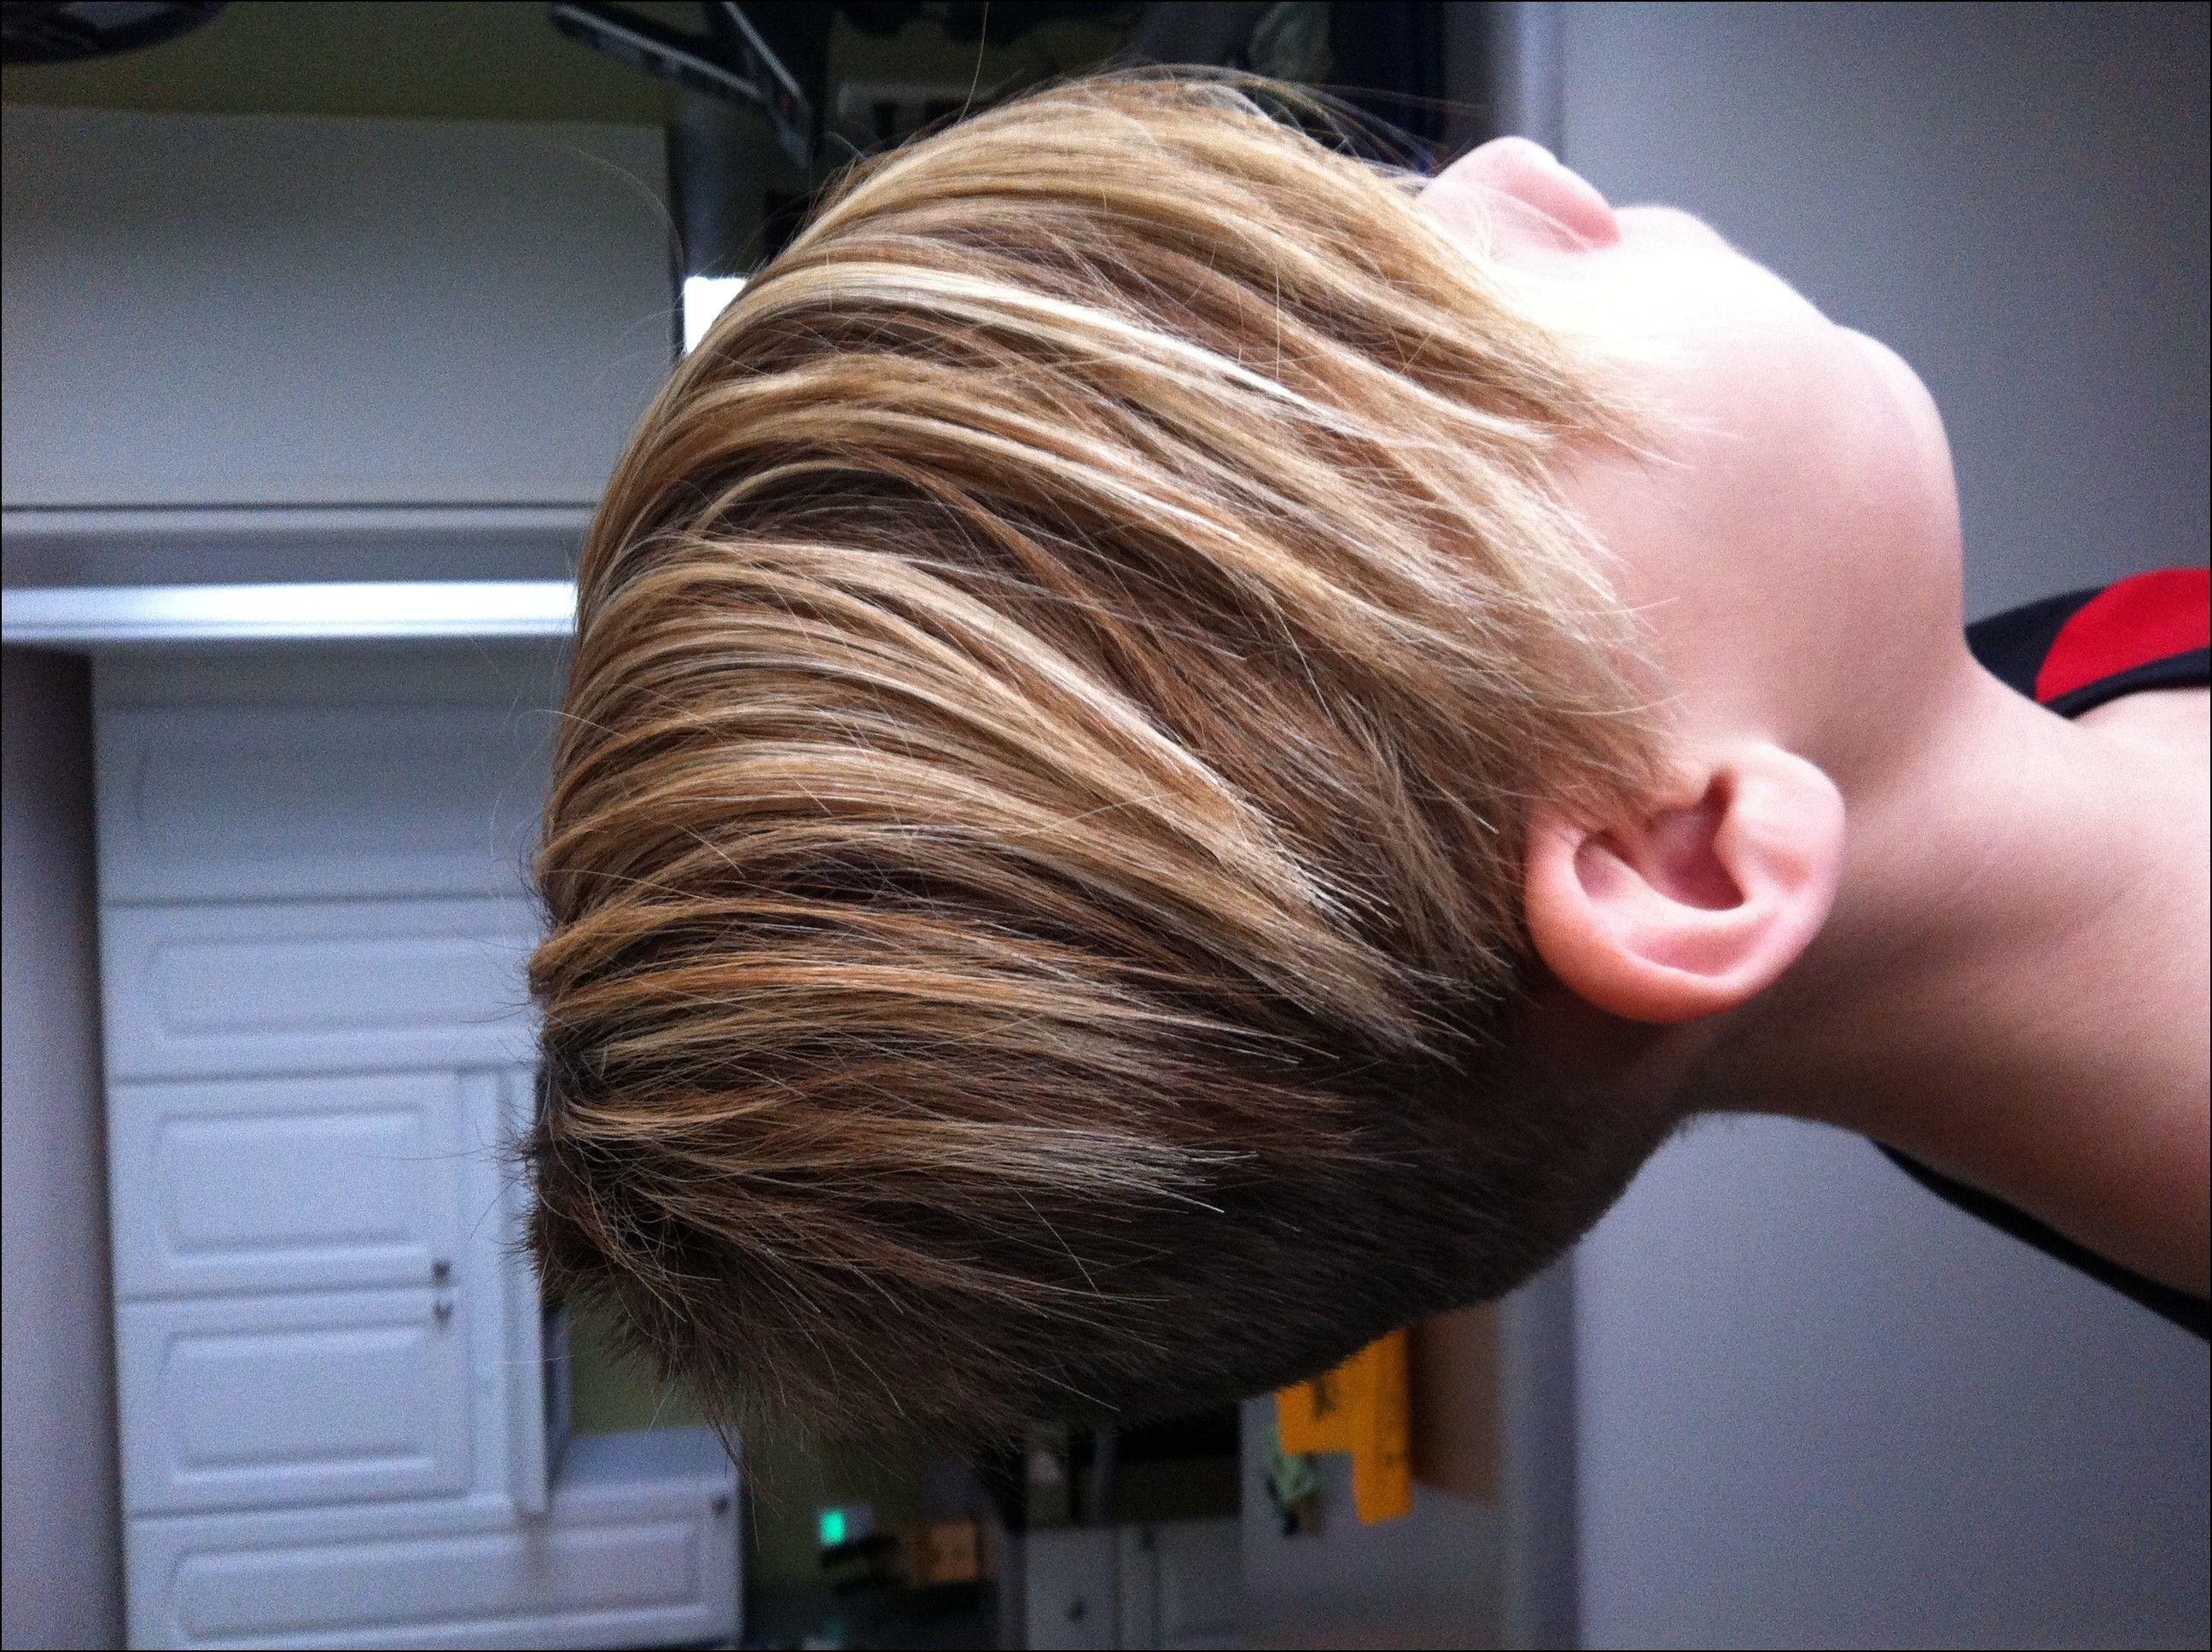 Boys skater haircut hairstyles ideas pinterest haircuts